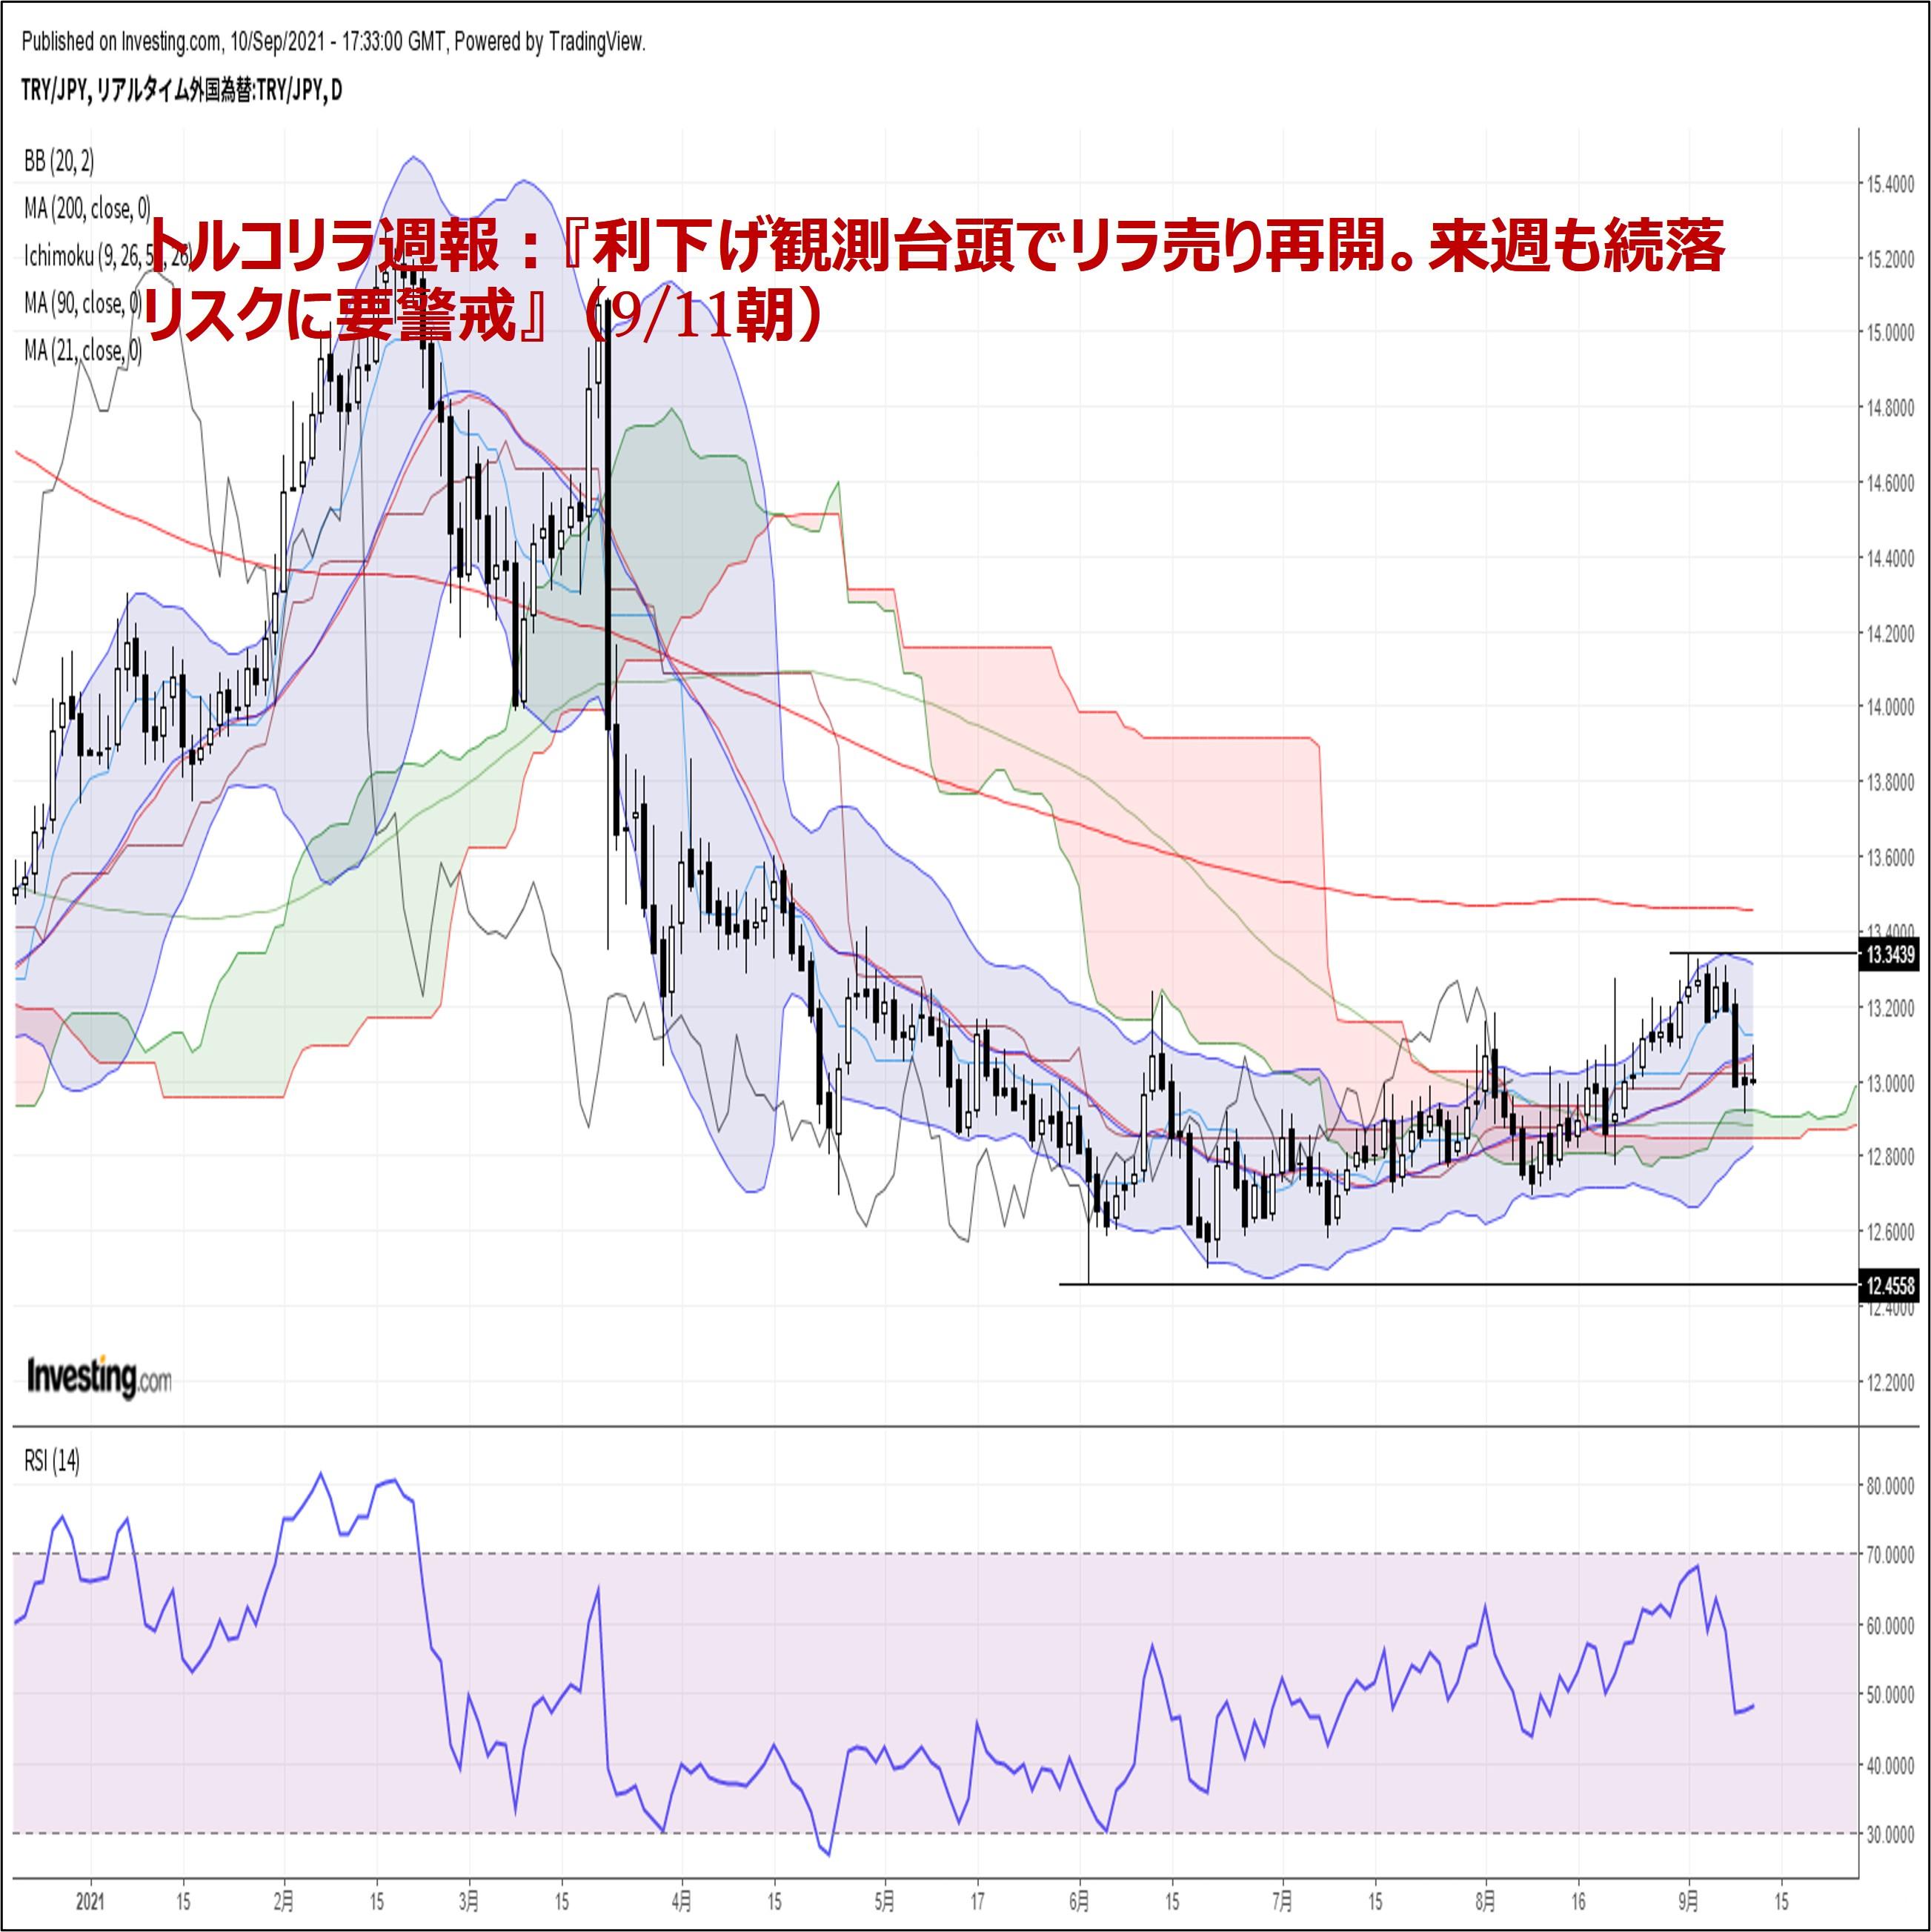 トルコリラ週報:『利下げ観測台頭でリラ売り再開。来週も続落リスクに要警戒』(9/11朝)